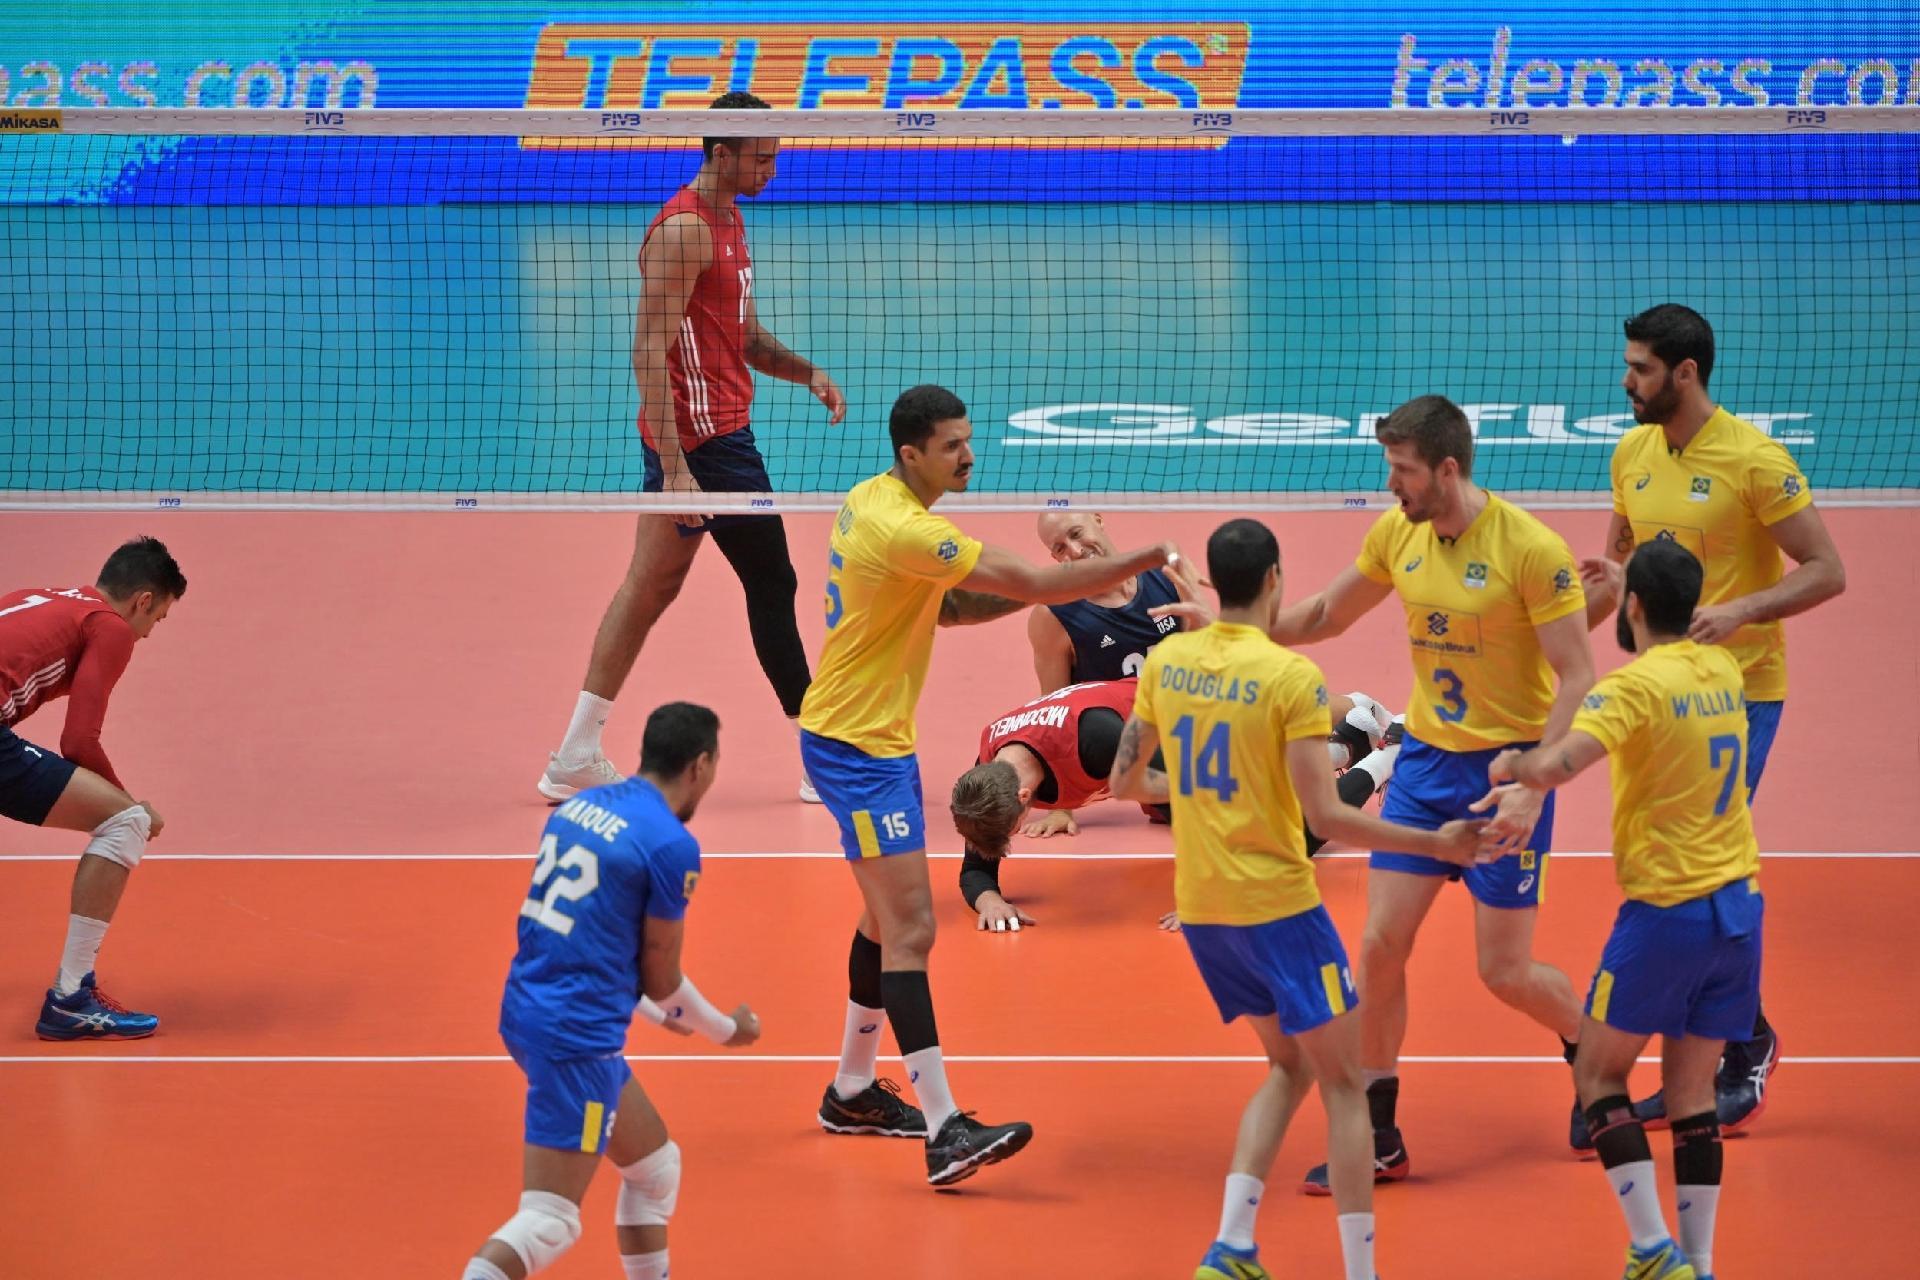 70dcce62c1 Seleção brasileira comemora ponto diante dos Estados Unidos no Mundial de  Vôlei